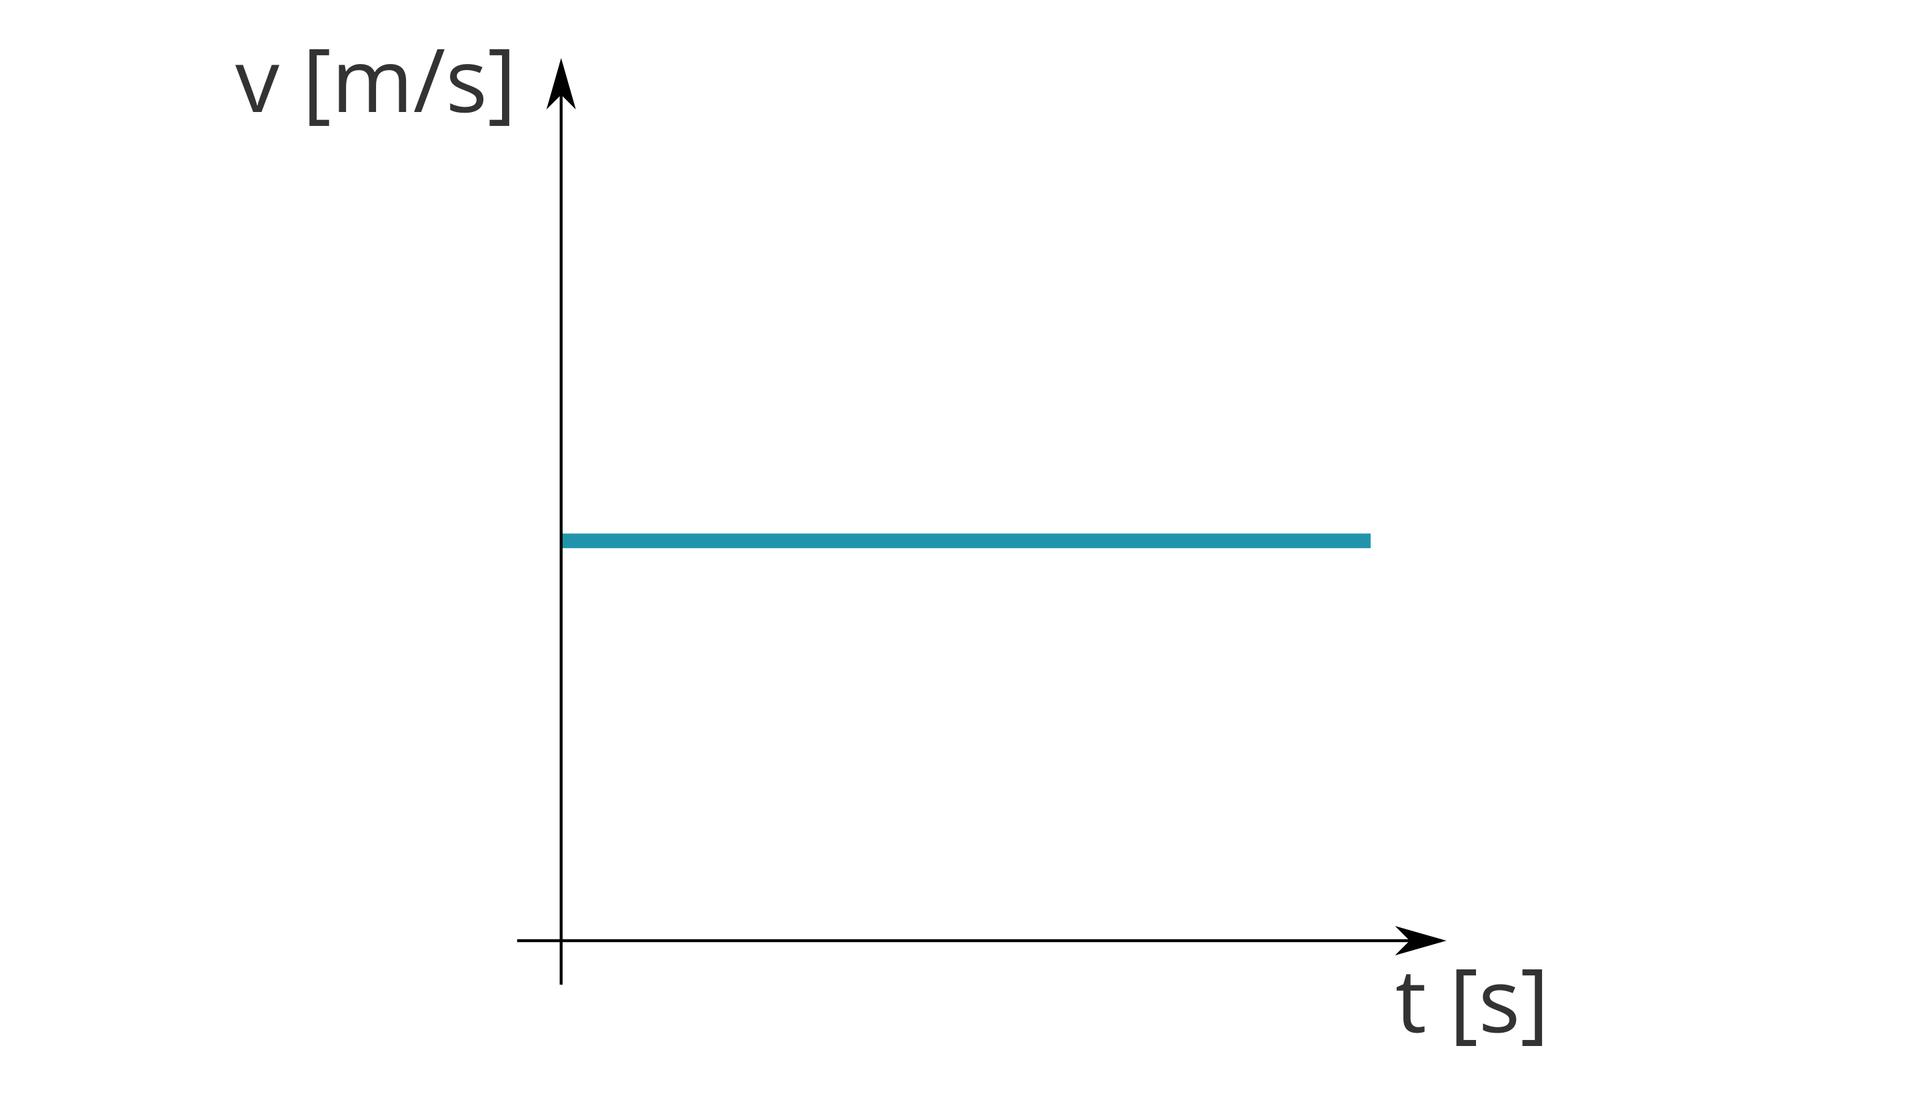 """Schemat przedstawia wykres zależności przyspieszenia od czasu. Oś odciętych opisana jako """"t [s]"""". Oś rzędnych opisana jako """"v [m/s]"""". Na wykresie widoczny niebieski odcinek. Odcinek równoległy do osi odciętych. Początek na osi rzędnych, wokoło połowie jej wysokości. Koniec prawie na wysokości grotu poziomej strzałki."""